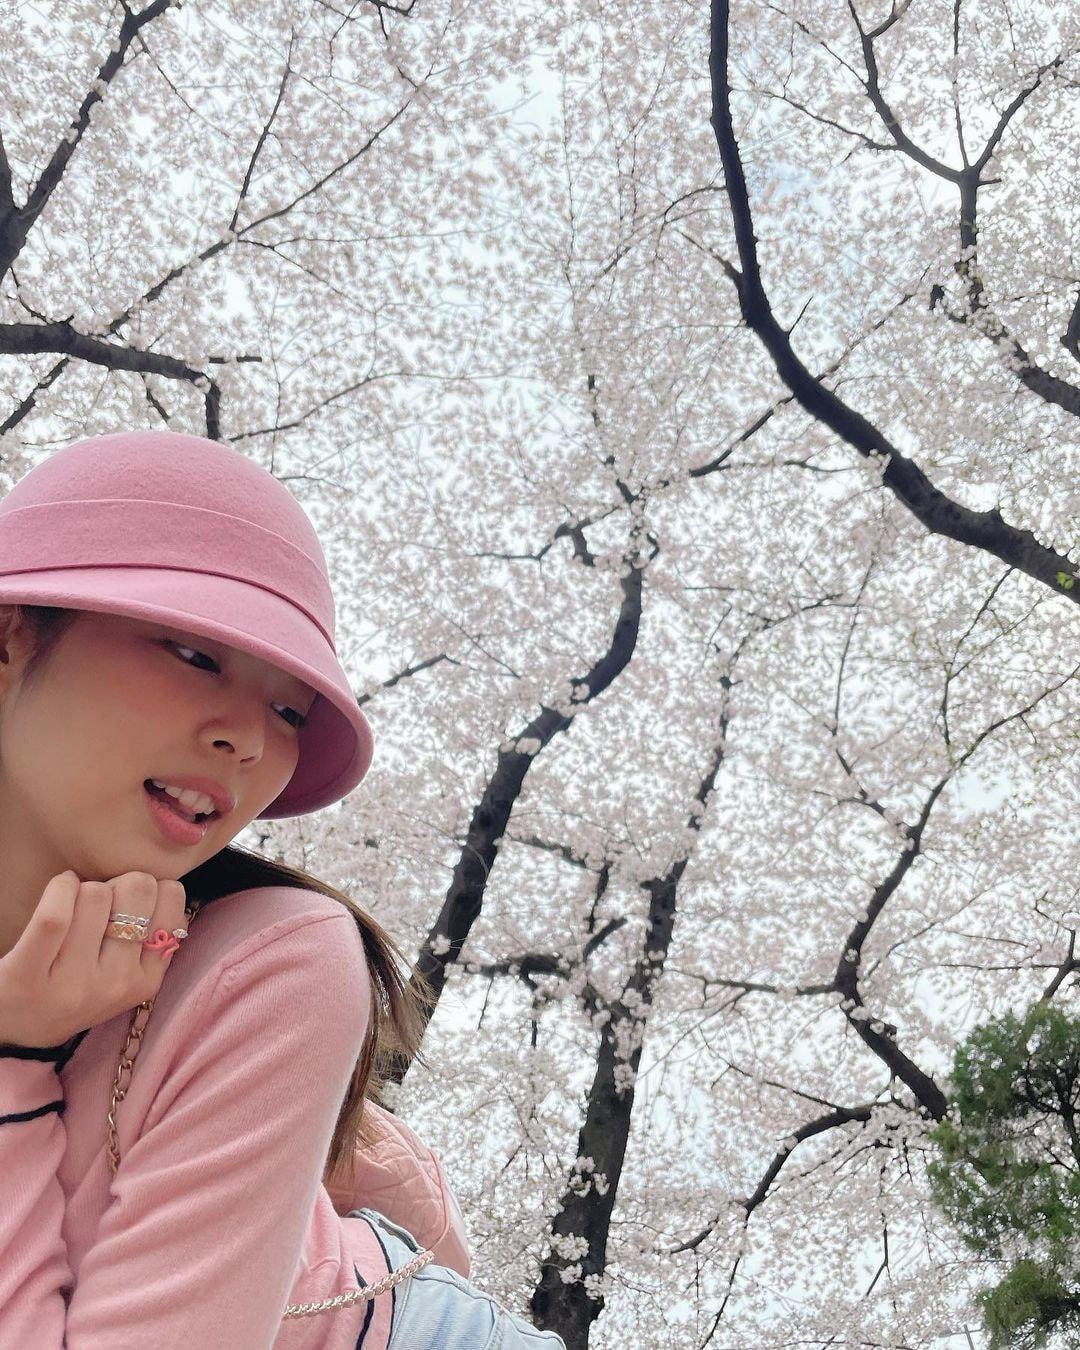 Dàn mỹ nhân K-Pop ngắm hoa anh đào: Jennie (BLACKPINK) nổi nhất nhờ trang phục thời thượng ảnh 6